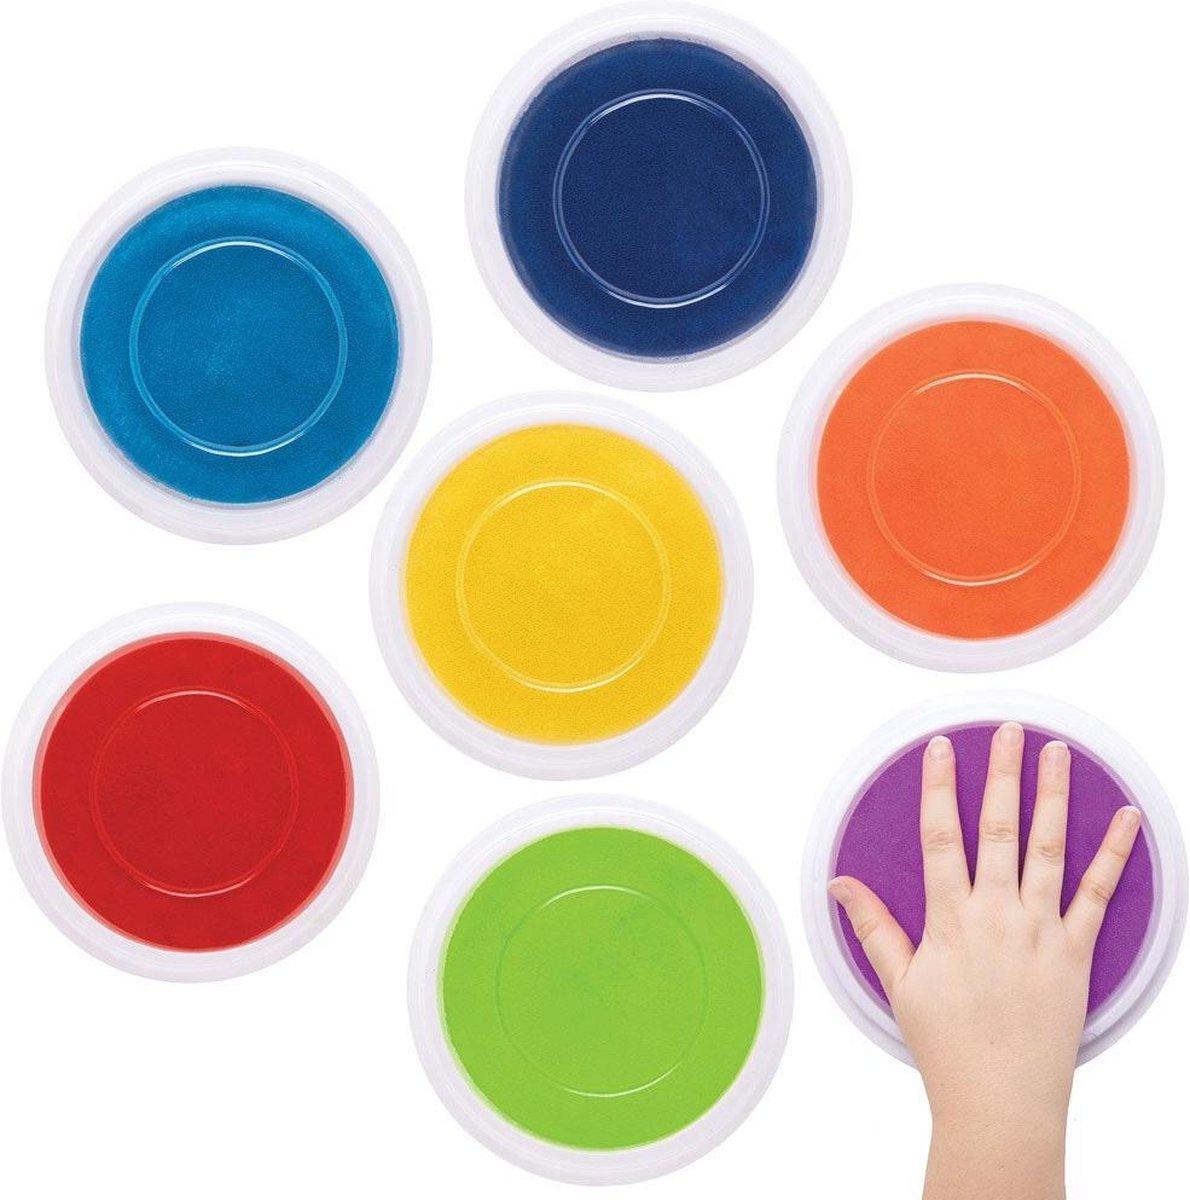 Baker Ross Jumbo Verfkussens in Regenboogkleuren (7 stuks) Knutselspullen en Verf voor Kinderen